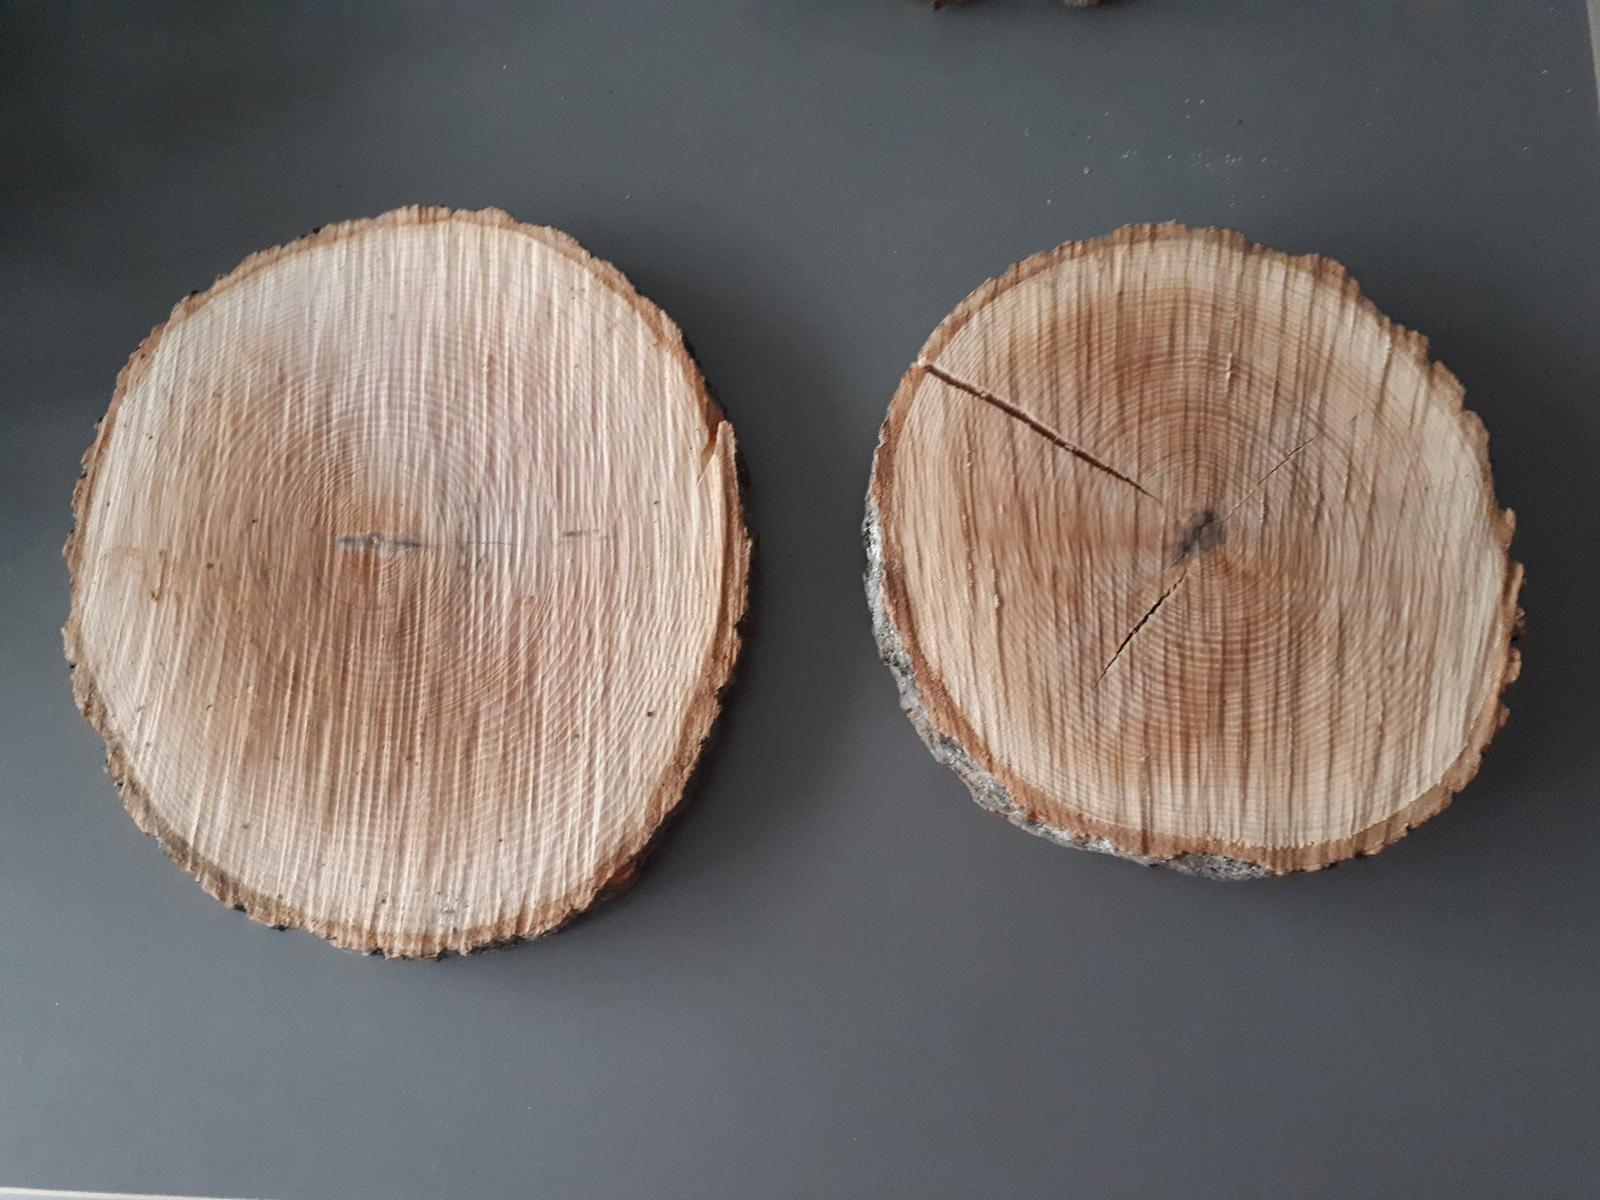 8x dřevěná kulatina na stůl - Obrázek č. 1